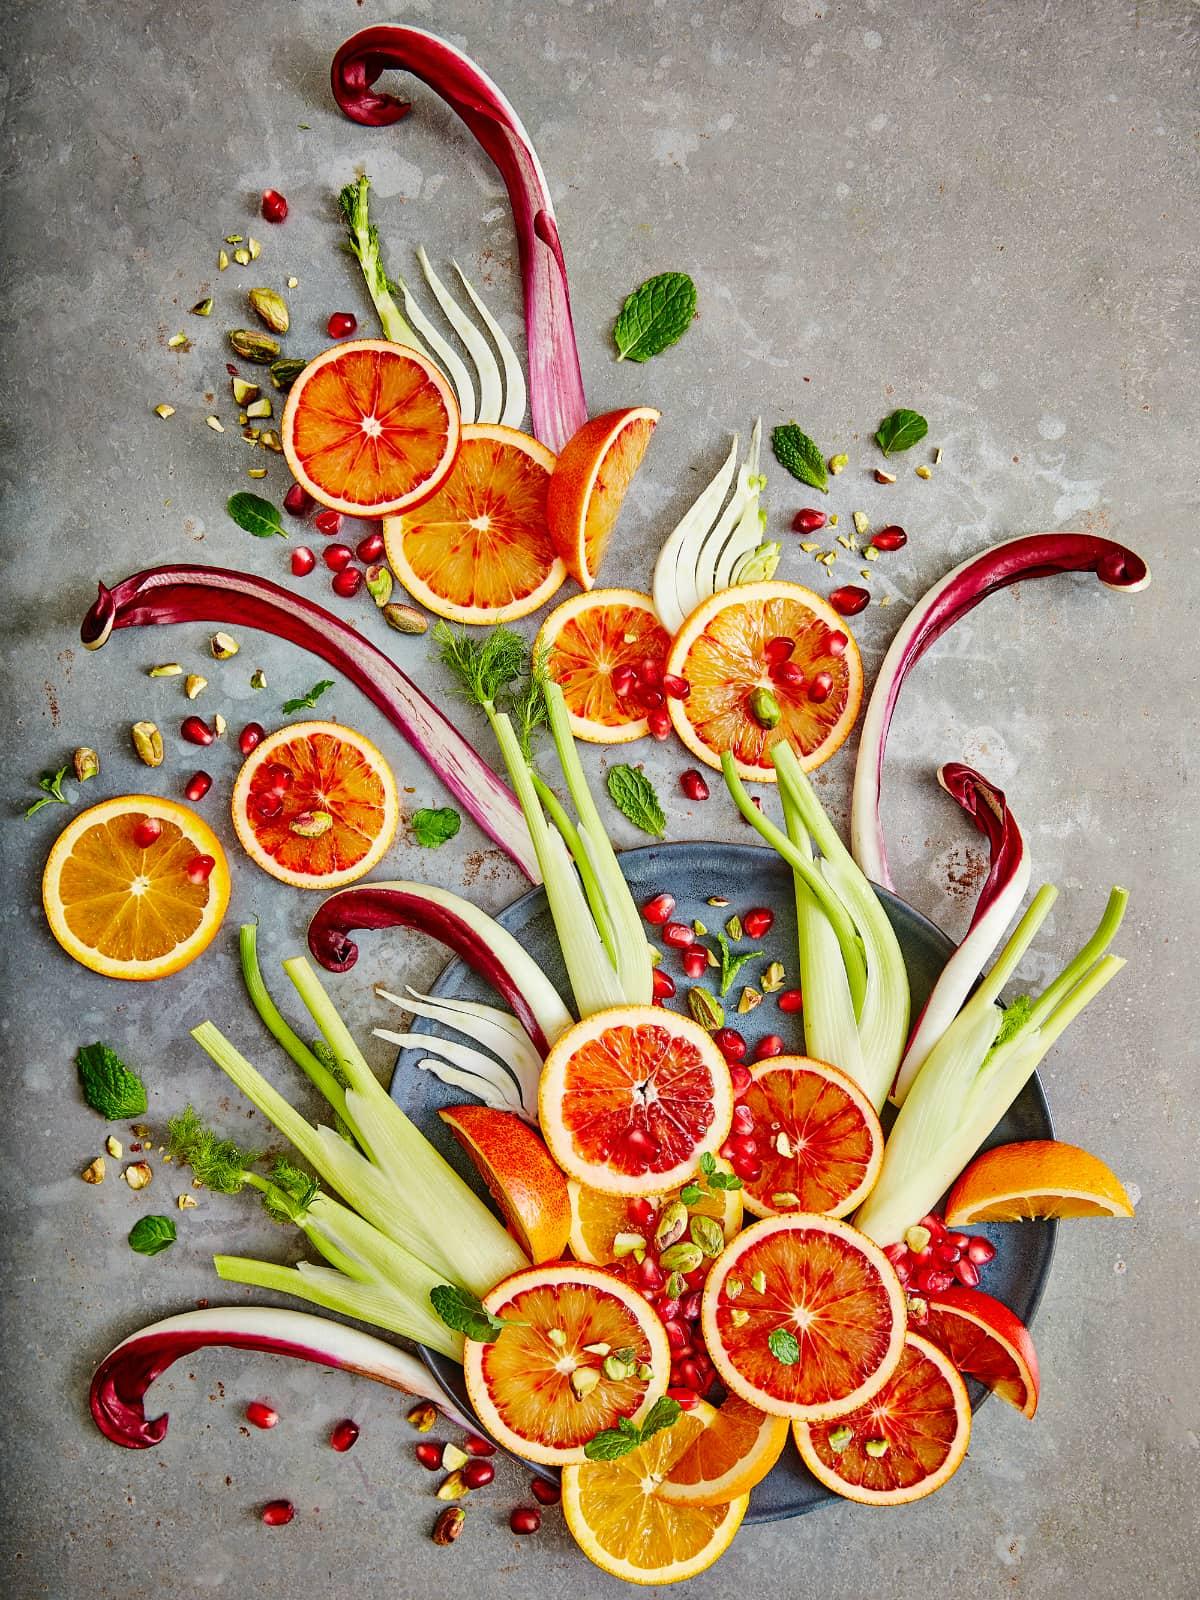 Food fotografie door Sid Ali, culinair fotograaf.